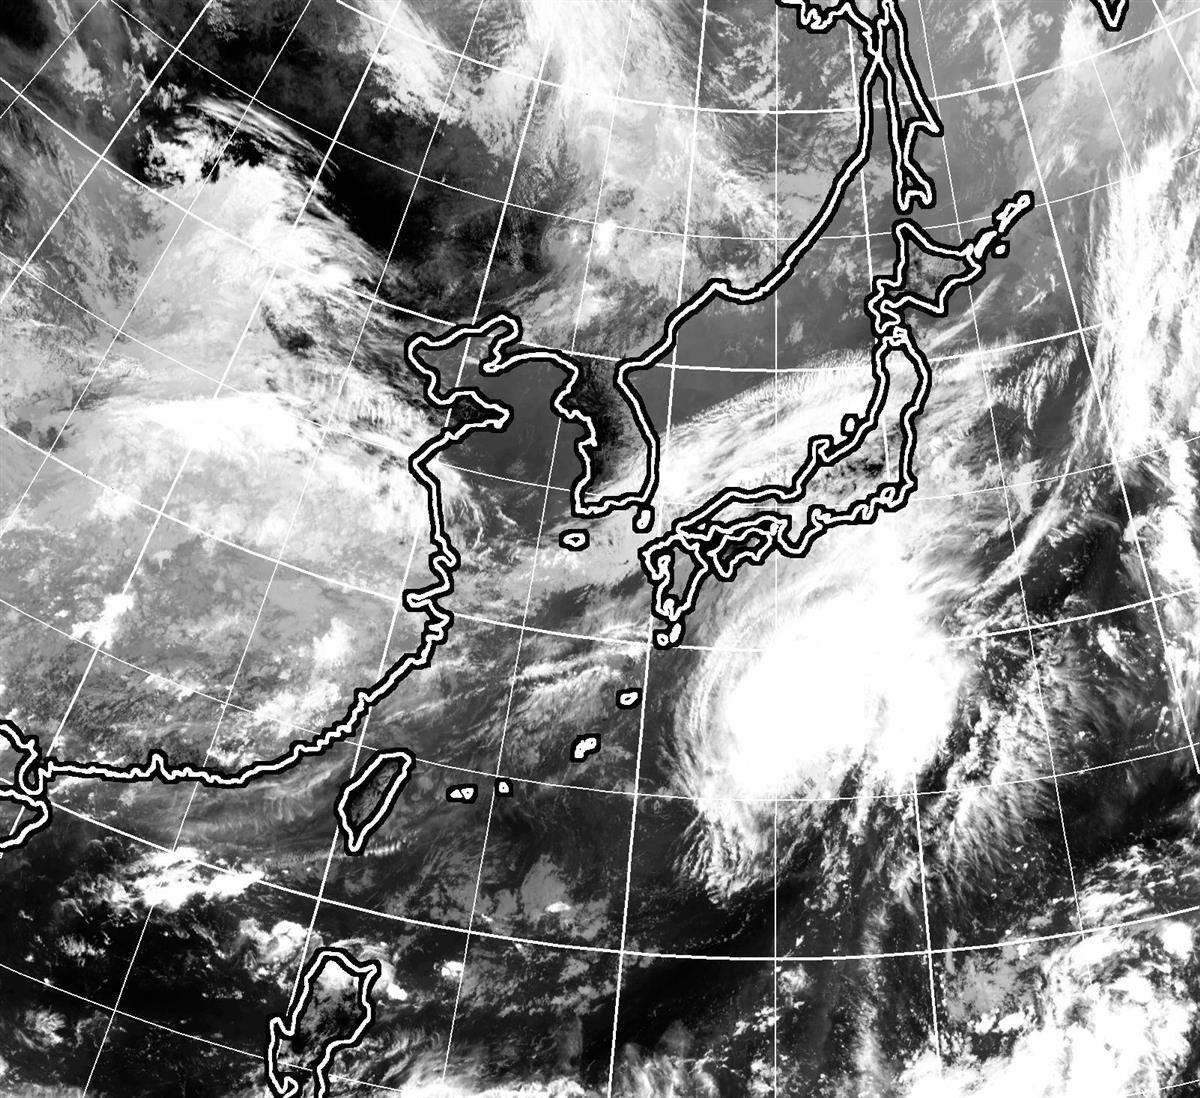 台風12号、東日本上陸の恐れ 前線活発化…大雨警戒